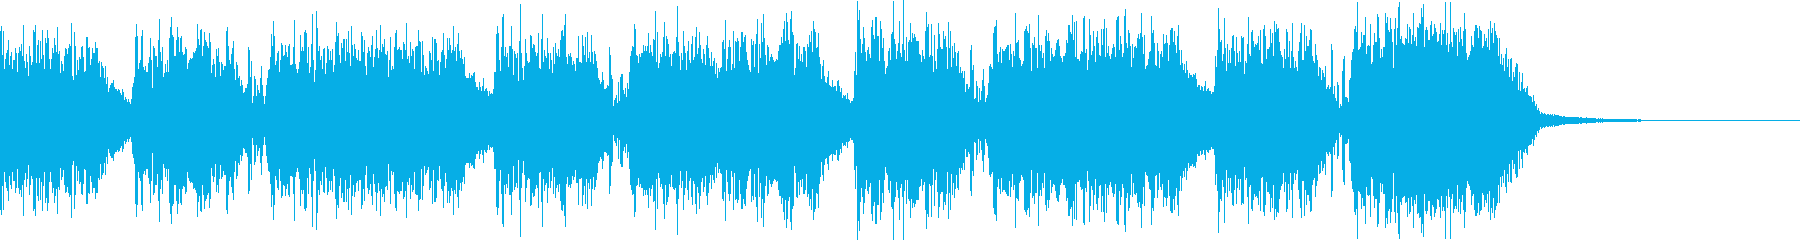 エネルギッシュ・ロックなサウンドロゴ11の再生済みの波形